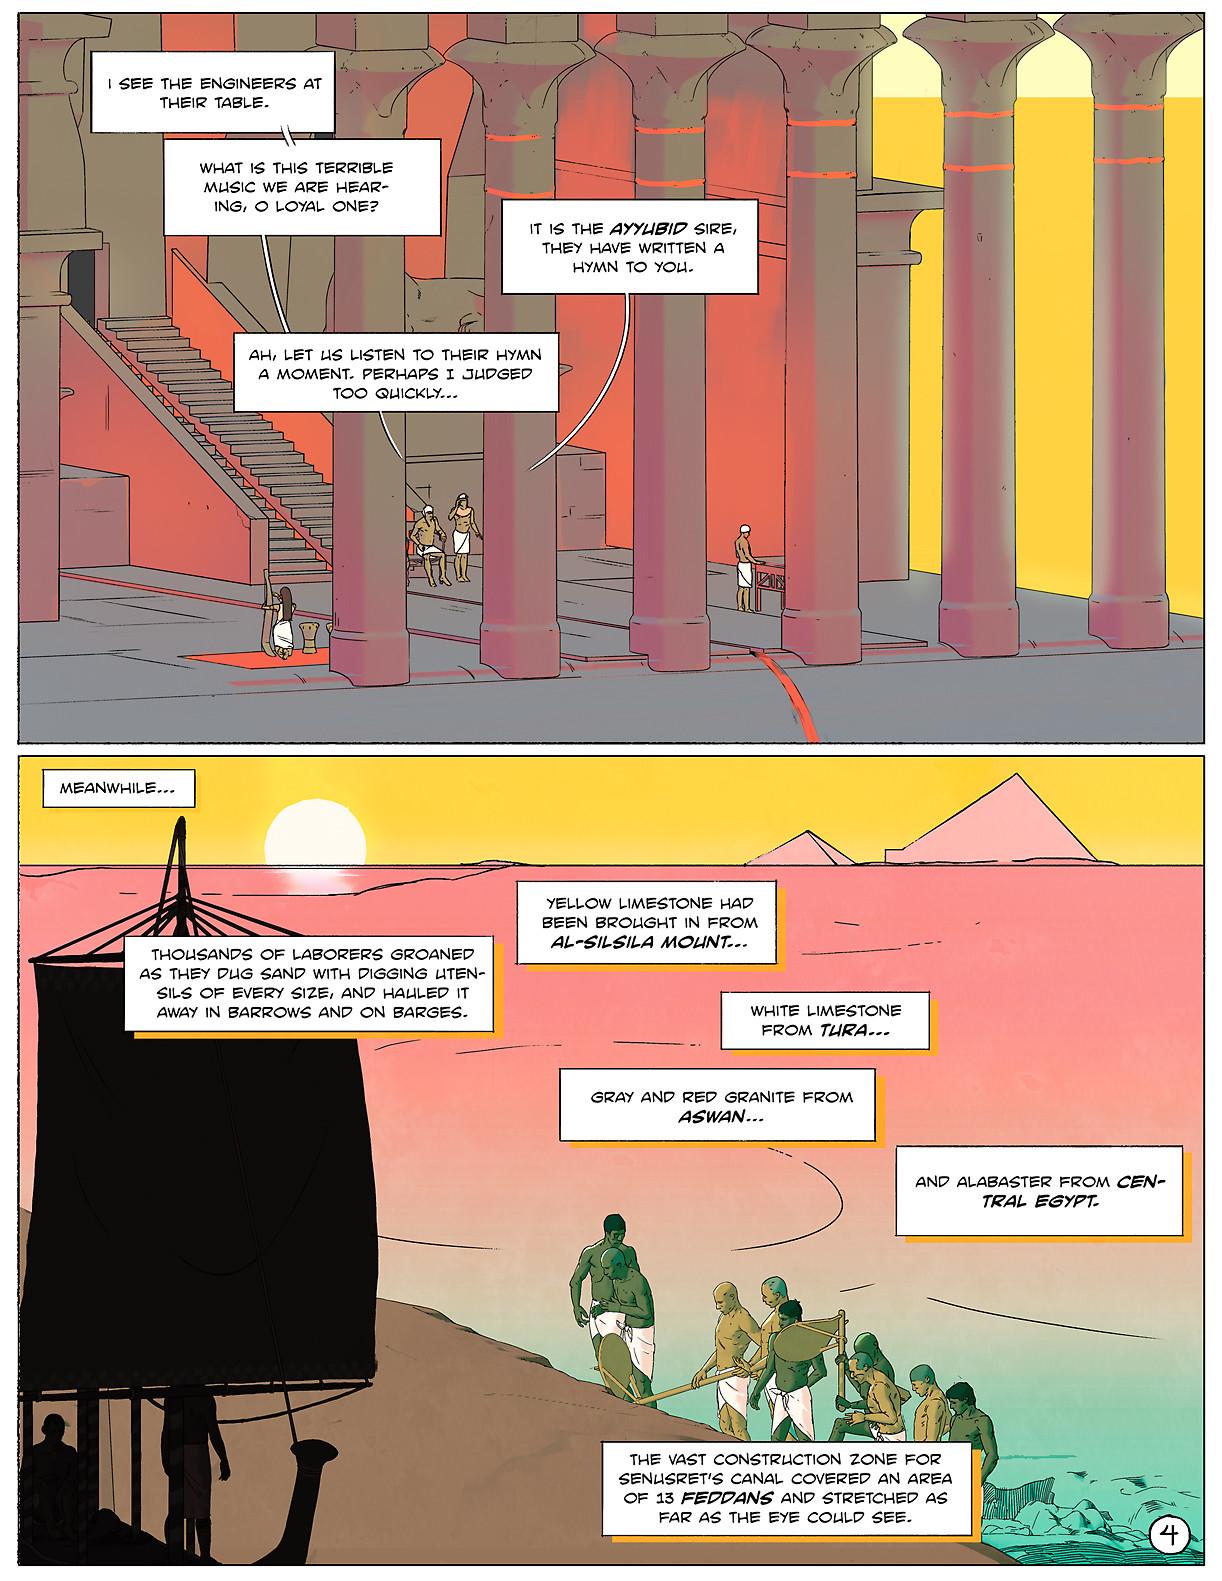 Devin korwin page 4